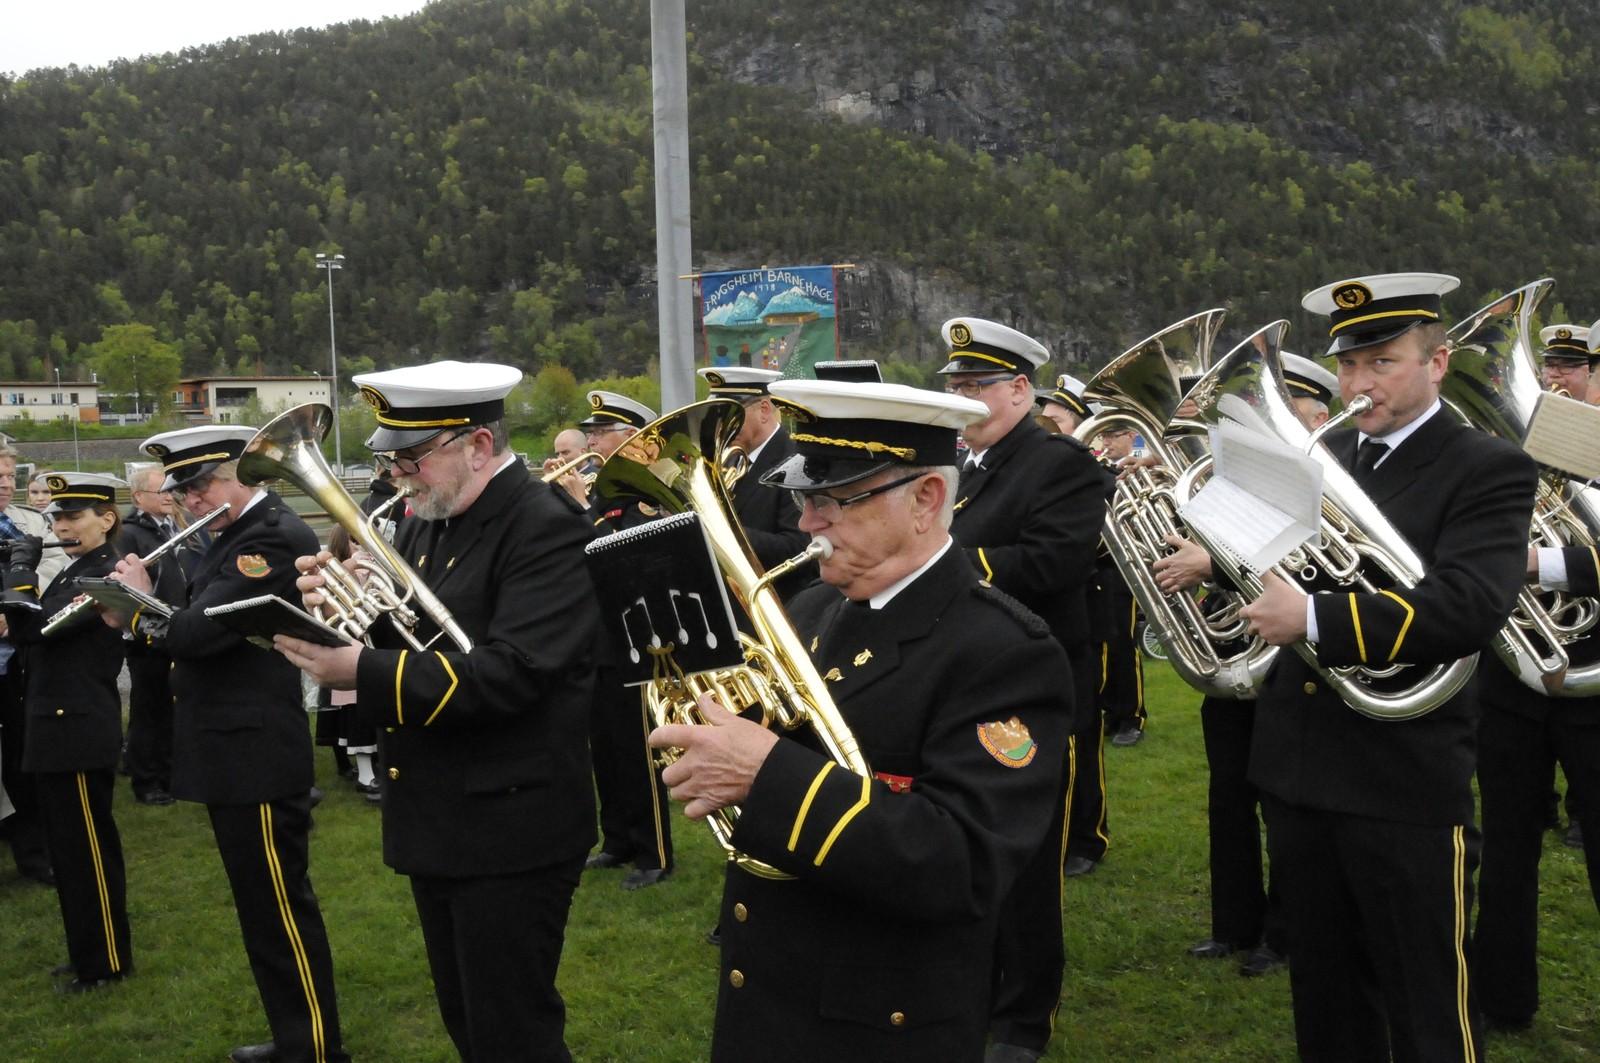 Åndalsnes Musikkforening med sine 98 år bød på feiende marsjer